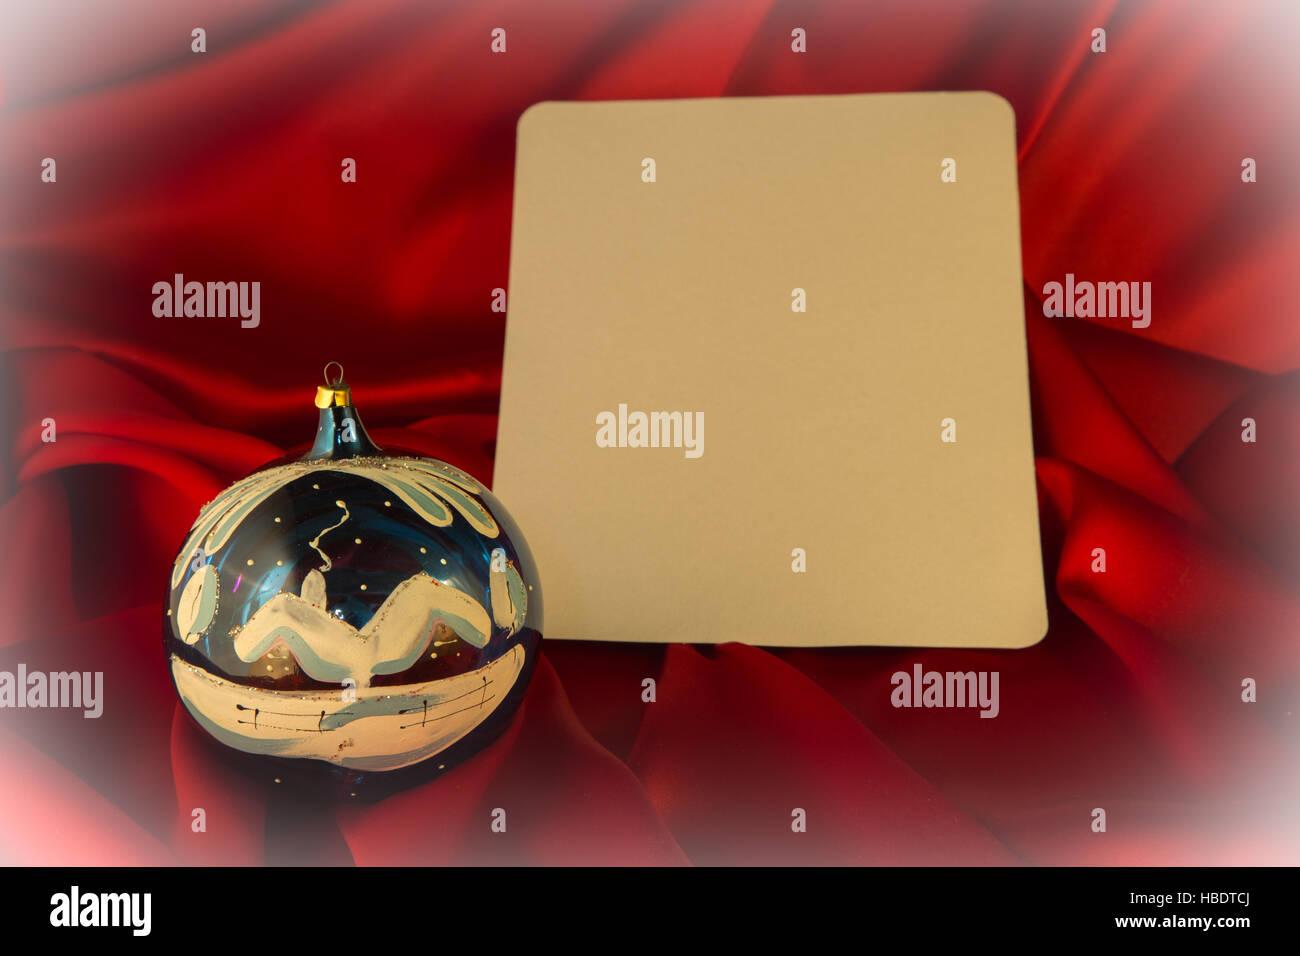 Ver Felicitaciones De Navidad Y Ano Nuevo.Fiery Fondo Rojo Para Felicitaciones De Navidad Y Ano Nuevo